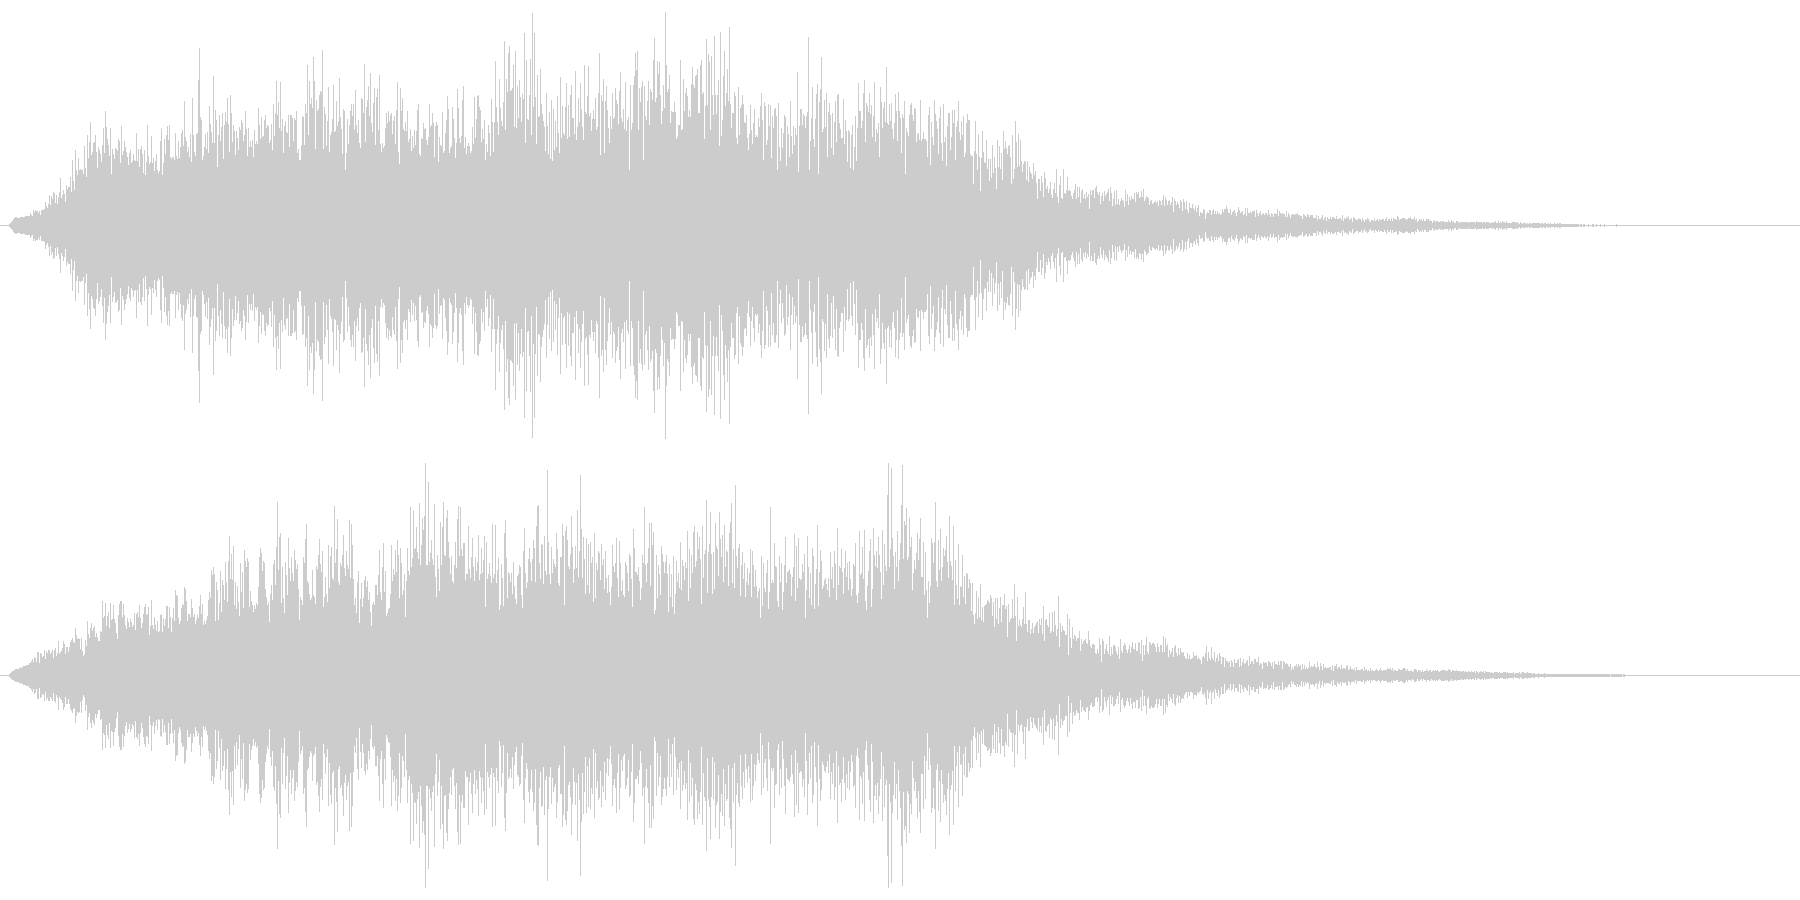 恐怖を演出するストリングスの不協和音の未再生の波形